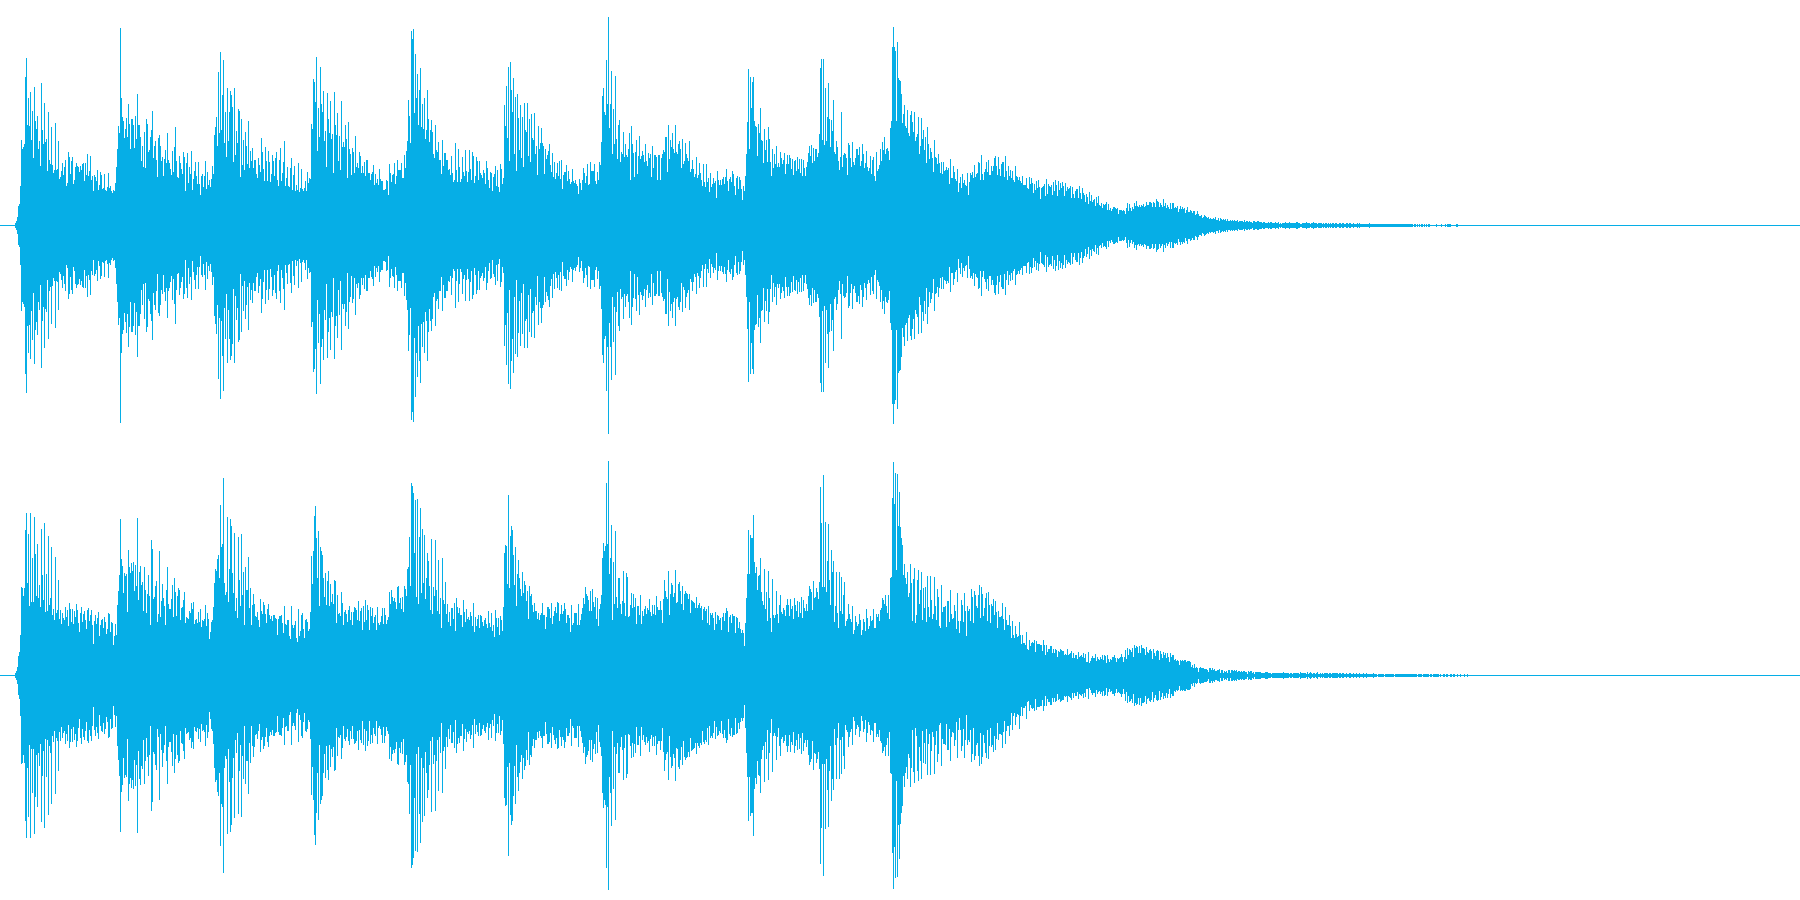 ピコピコ音のファンファーレ 勝利 クリアの再生済みの波形